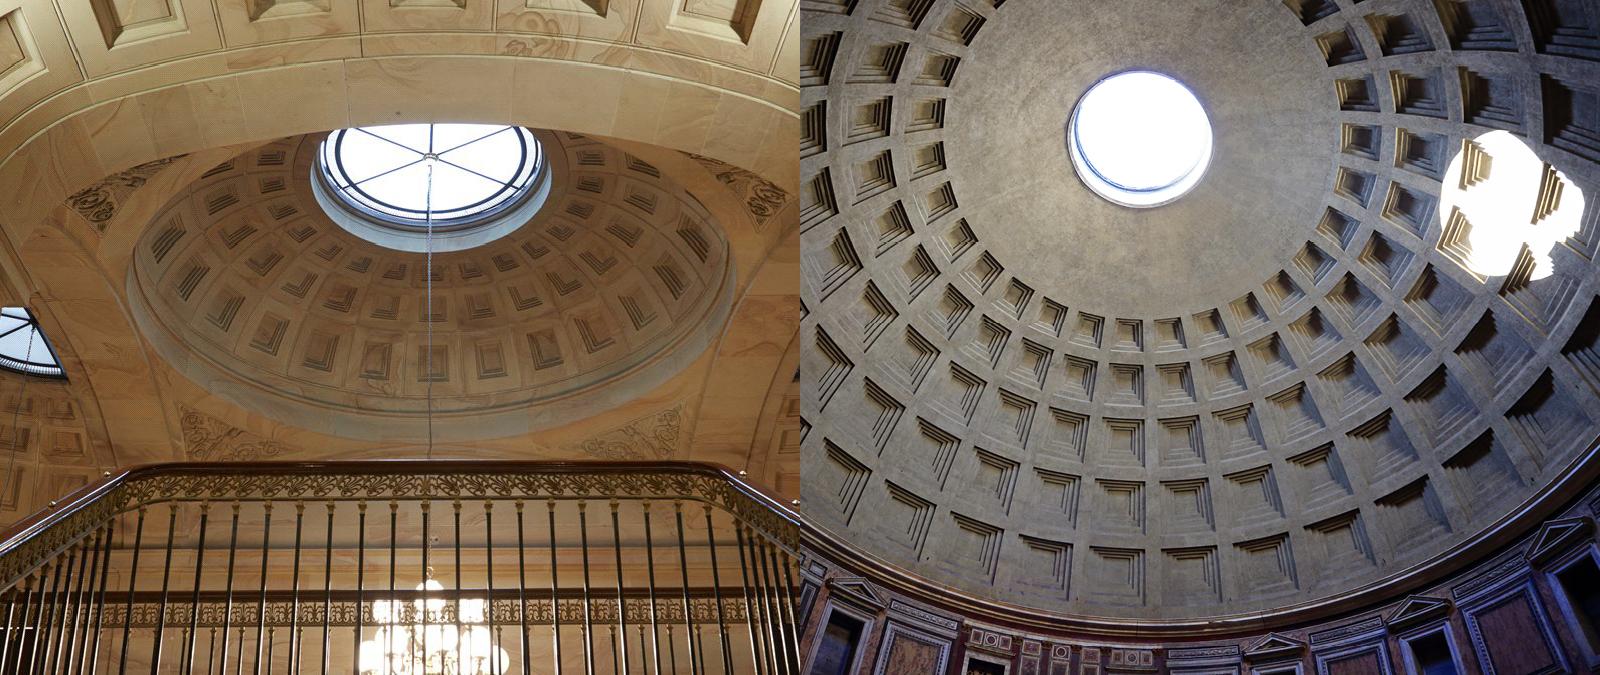 Центральное здание английского поместья напоминает Пантеон